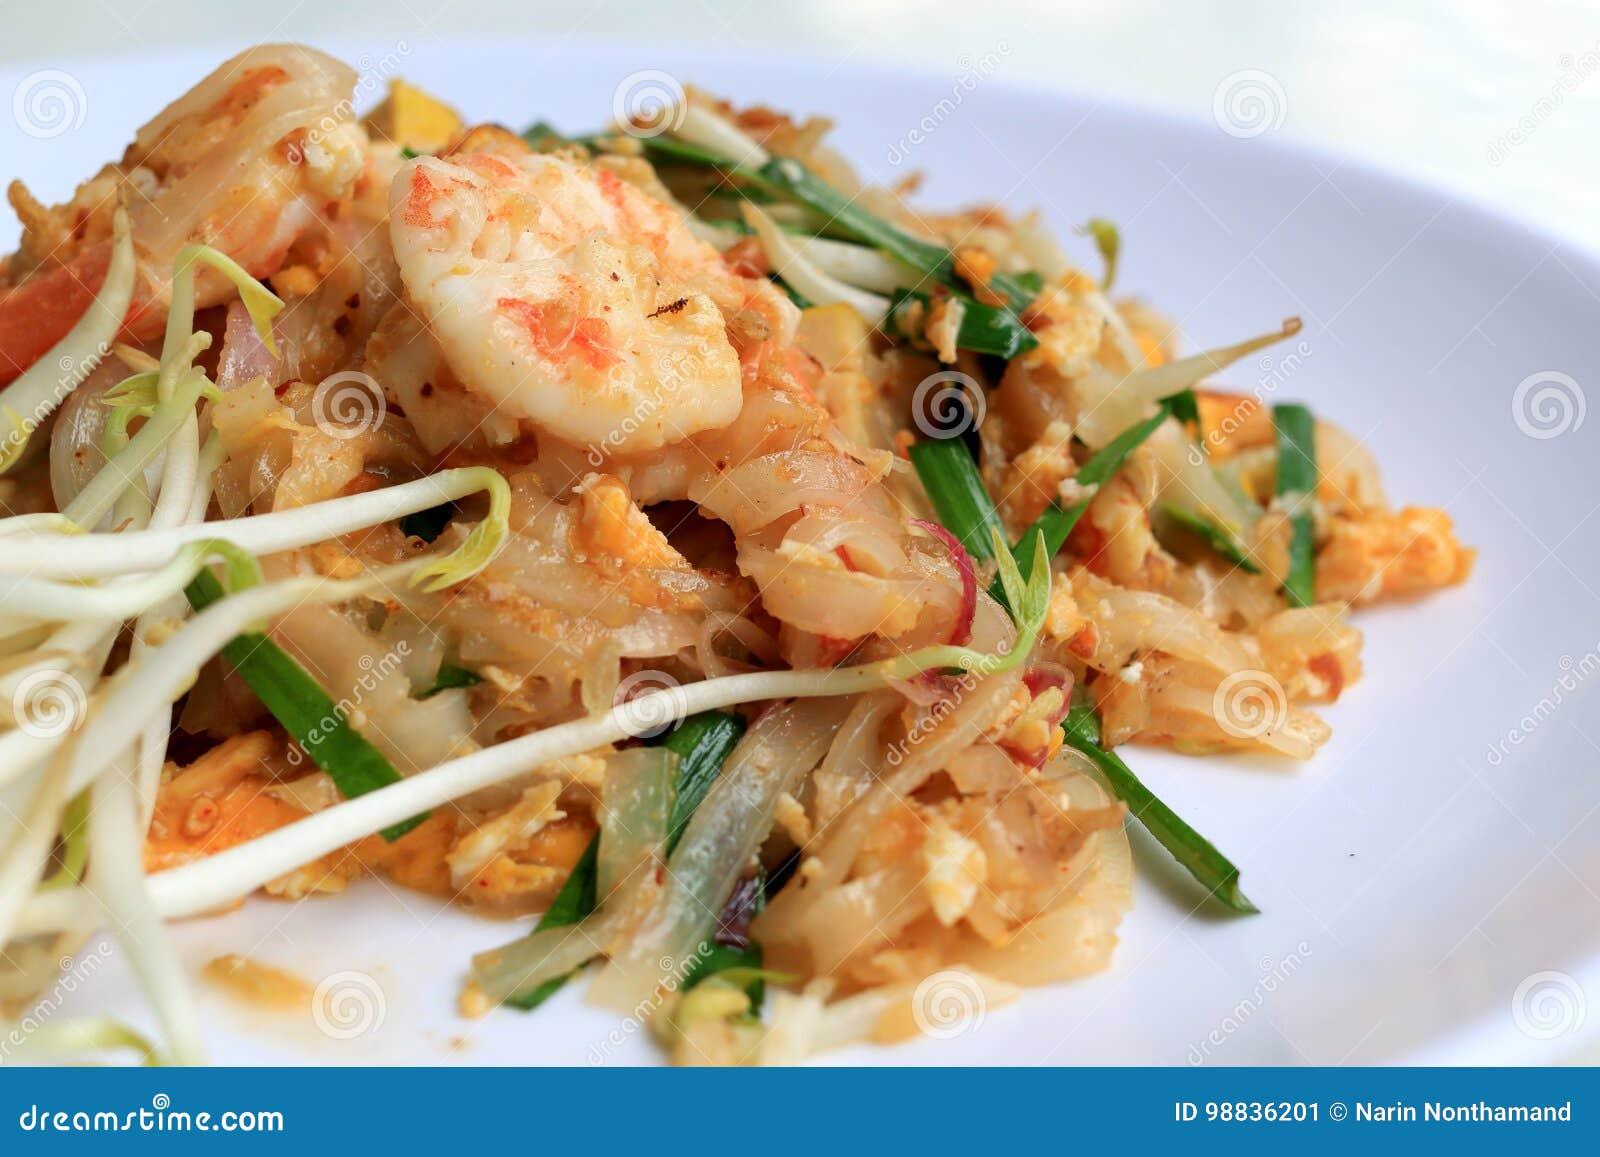 Το ταϊλανδικό μαξιλάρι Ταϊλανδός τροφίμων, ανακατώνει τα νουντλς τηγανητών με τις γαρίδες στο άσπρο πιάτο Ένα από το εθνικό κύριο